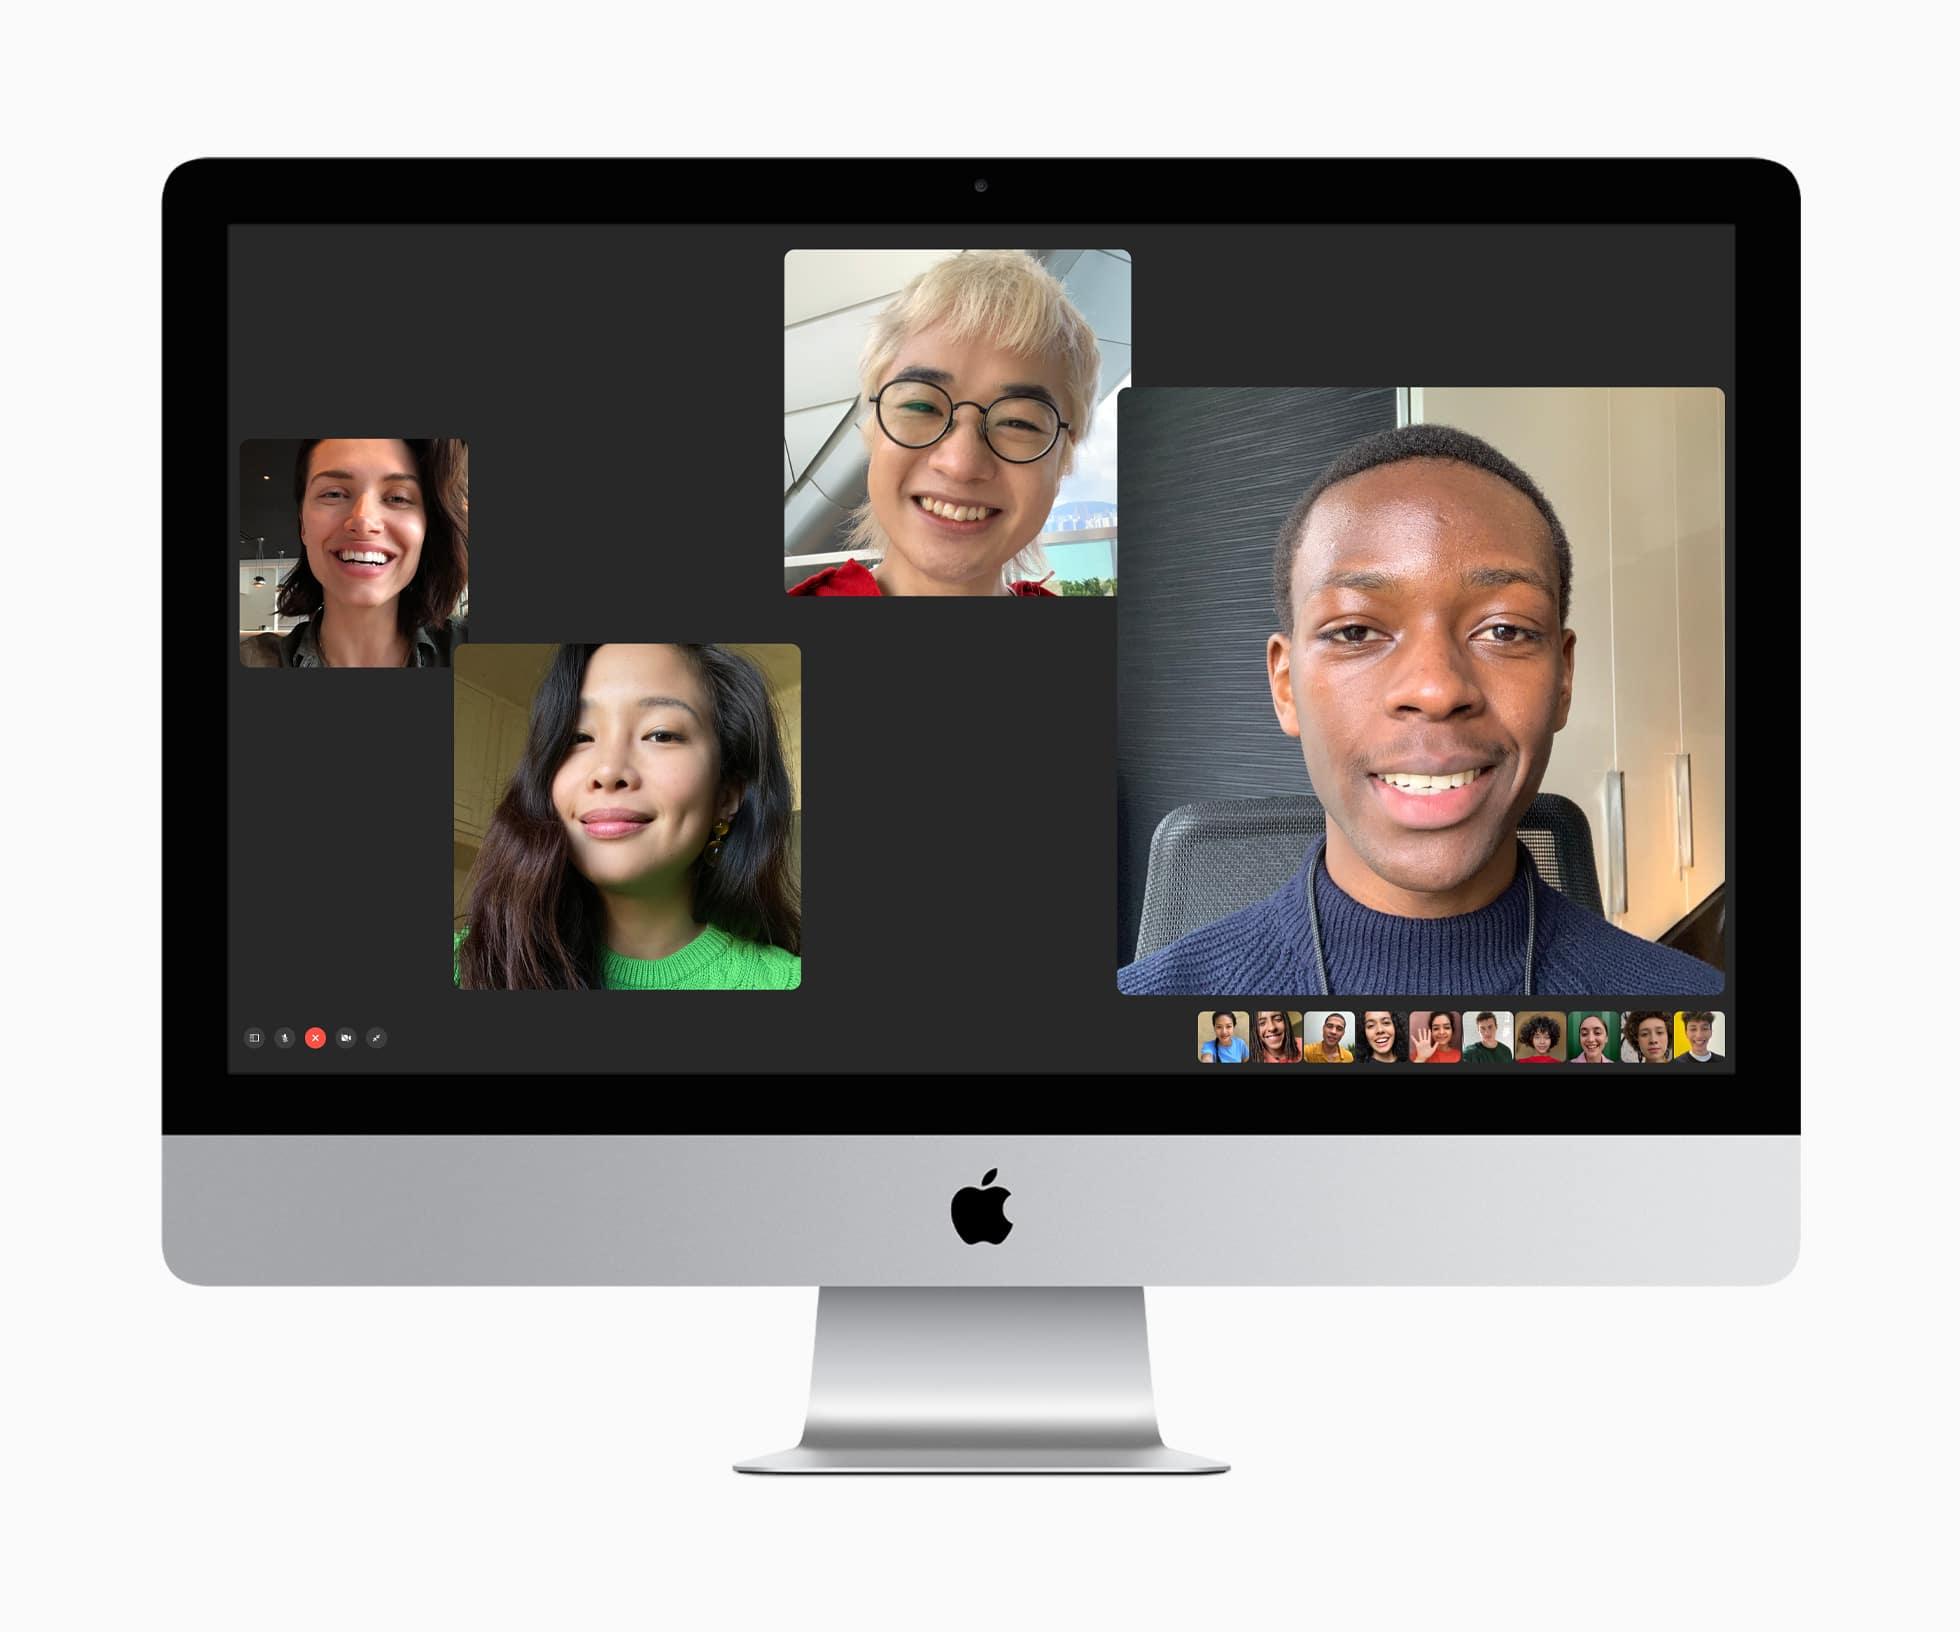 iMac rodando o FaceTime no macOS